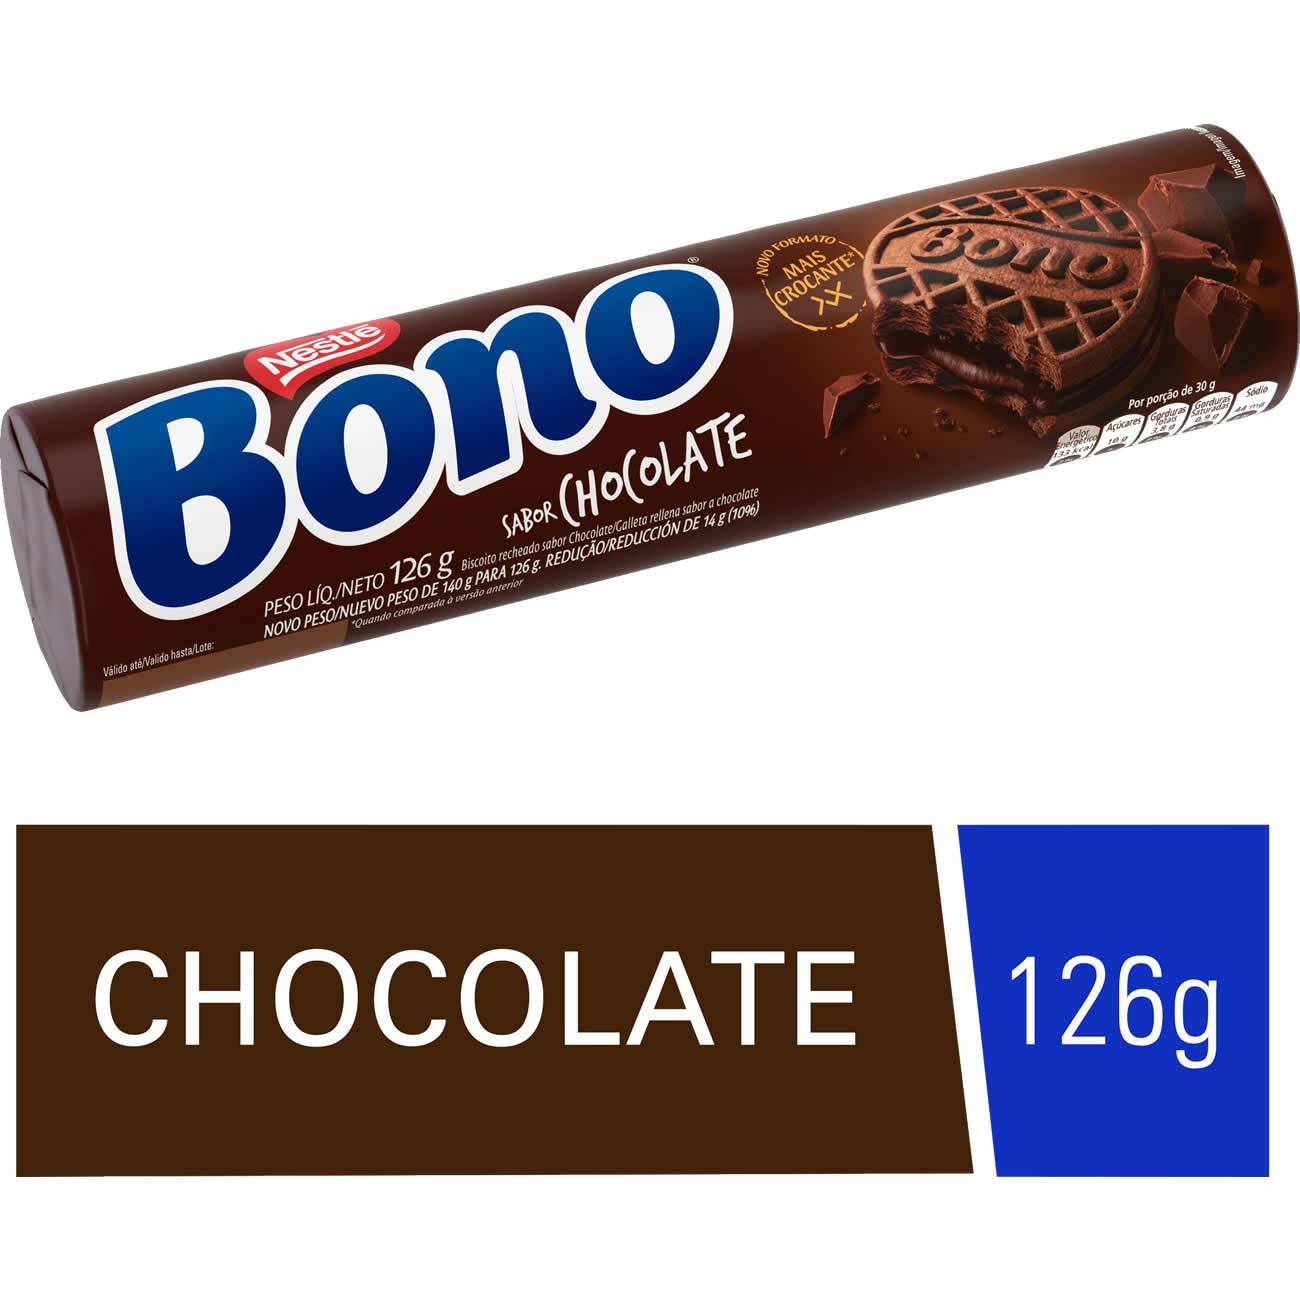 Biscoito Recheado Bono Chocolate 126g